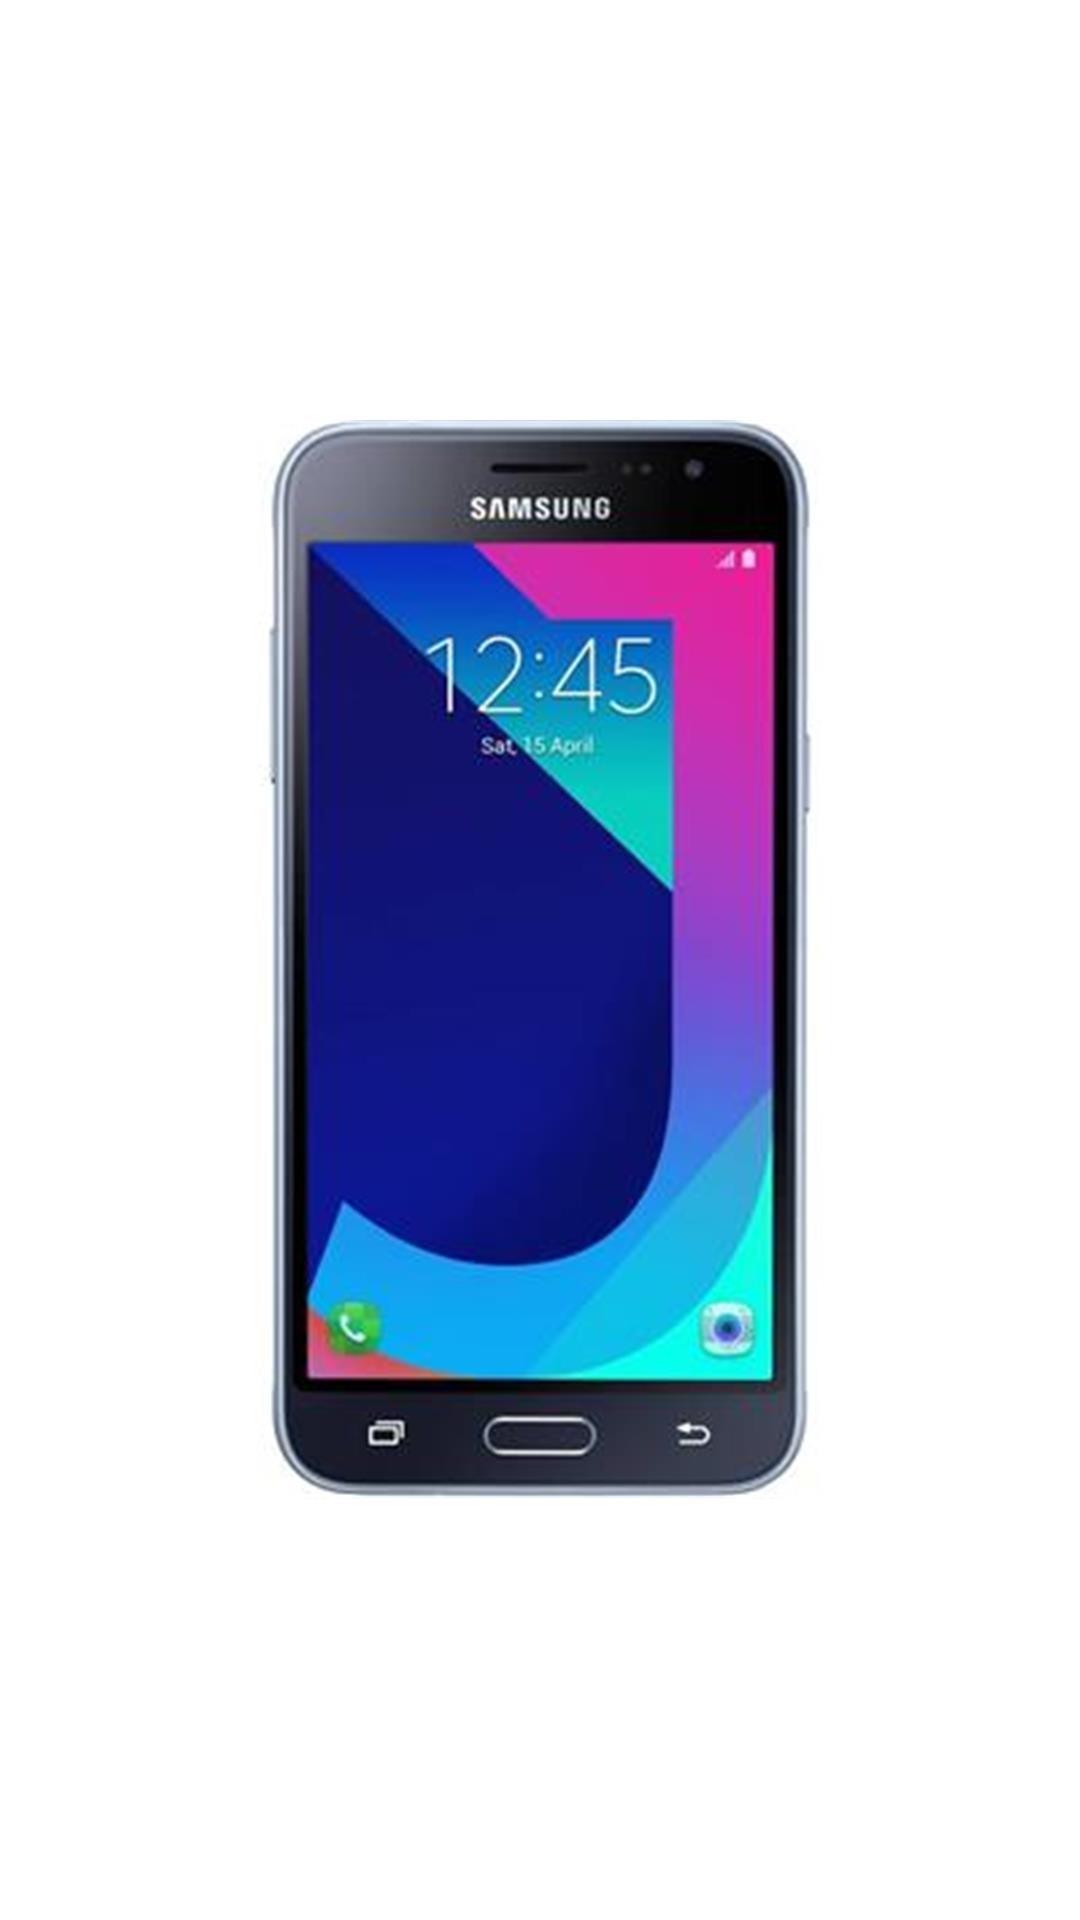 Samsung Galaxy J3 Pro 2 GB RAM 16GB ROM Black